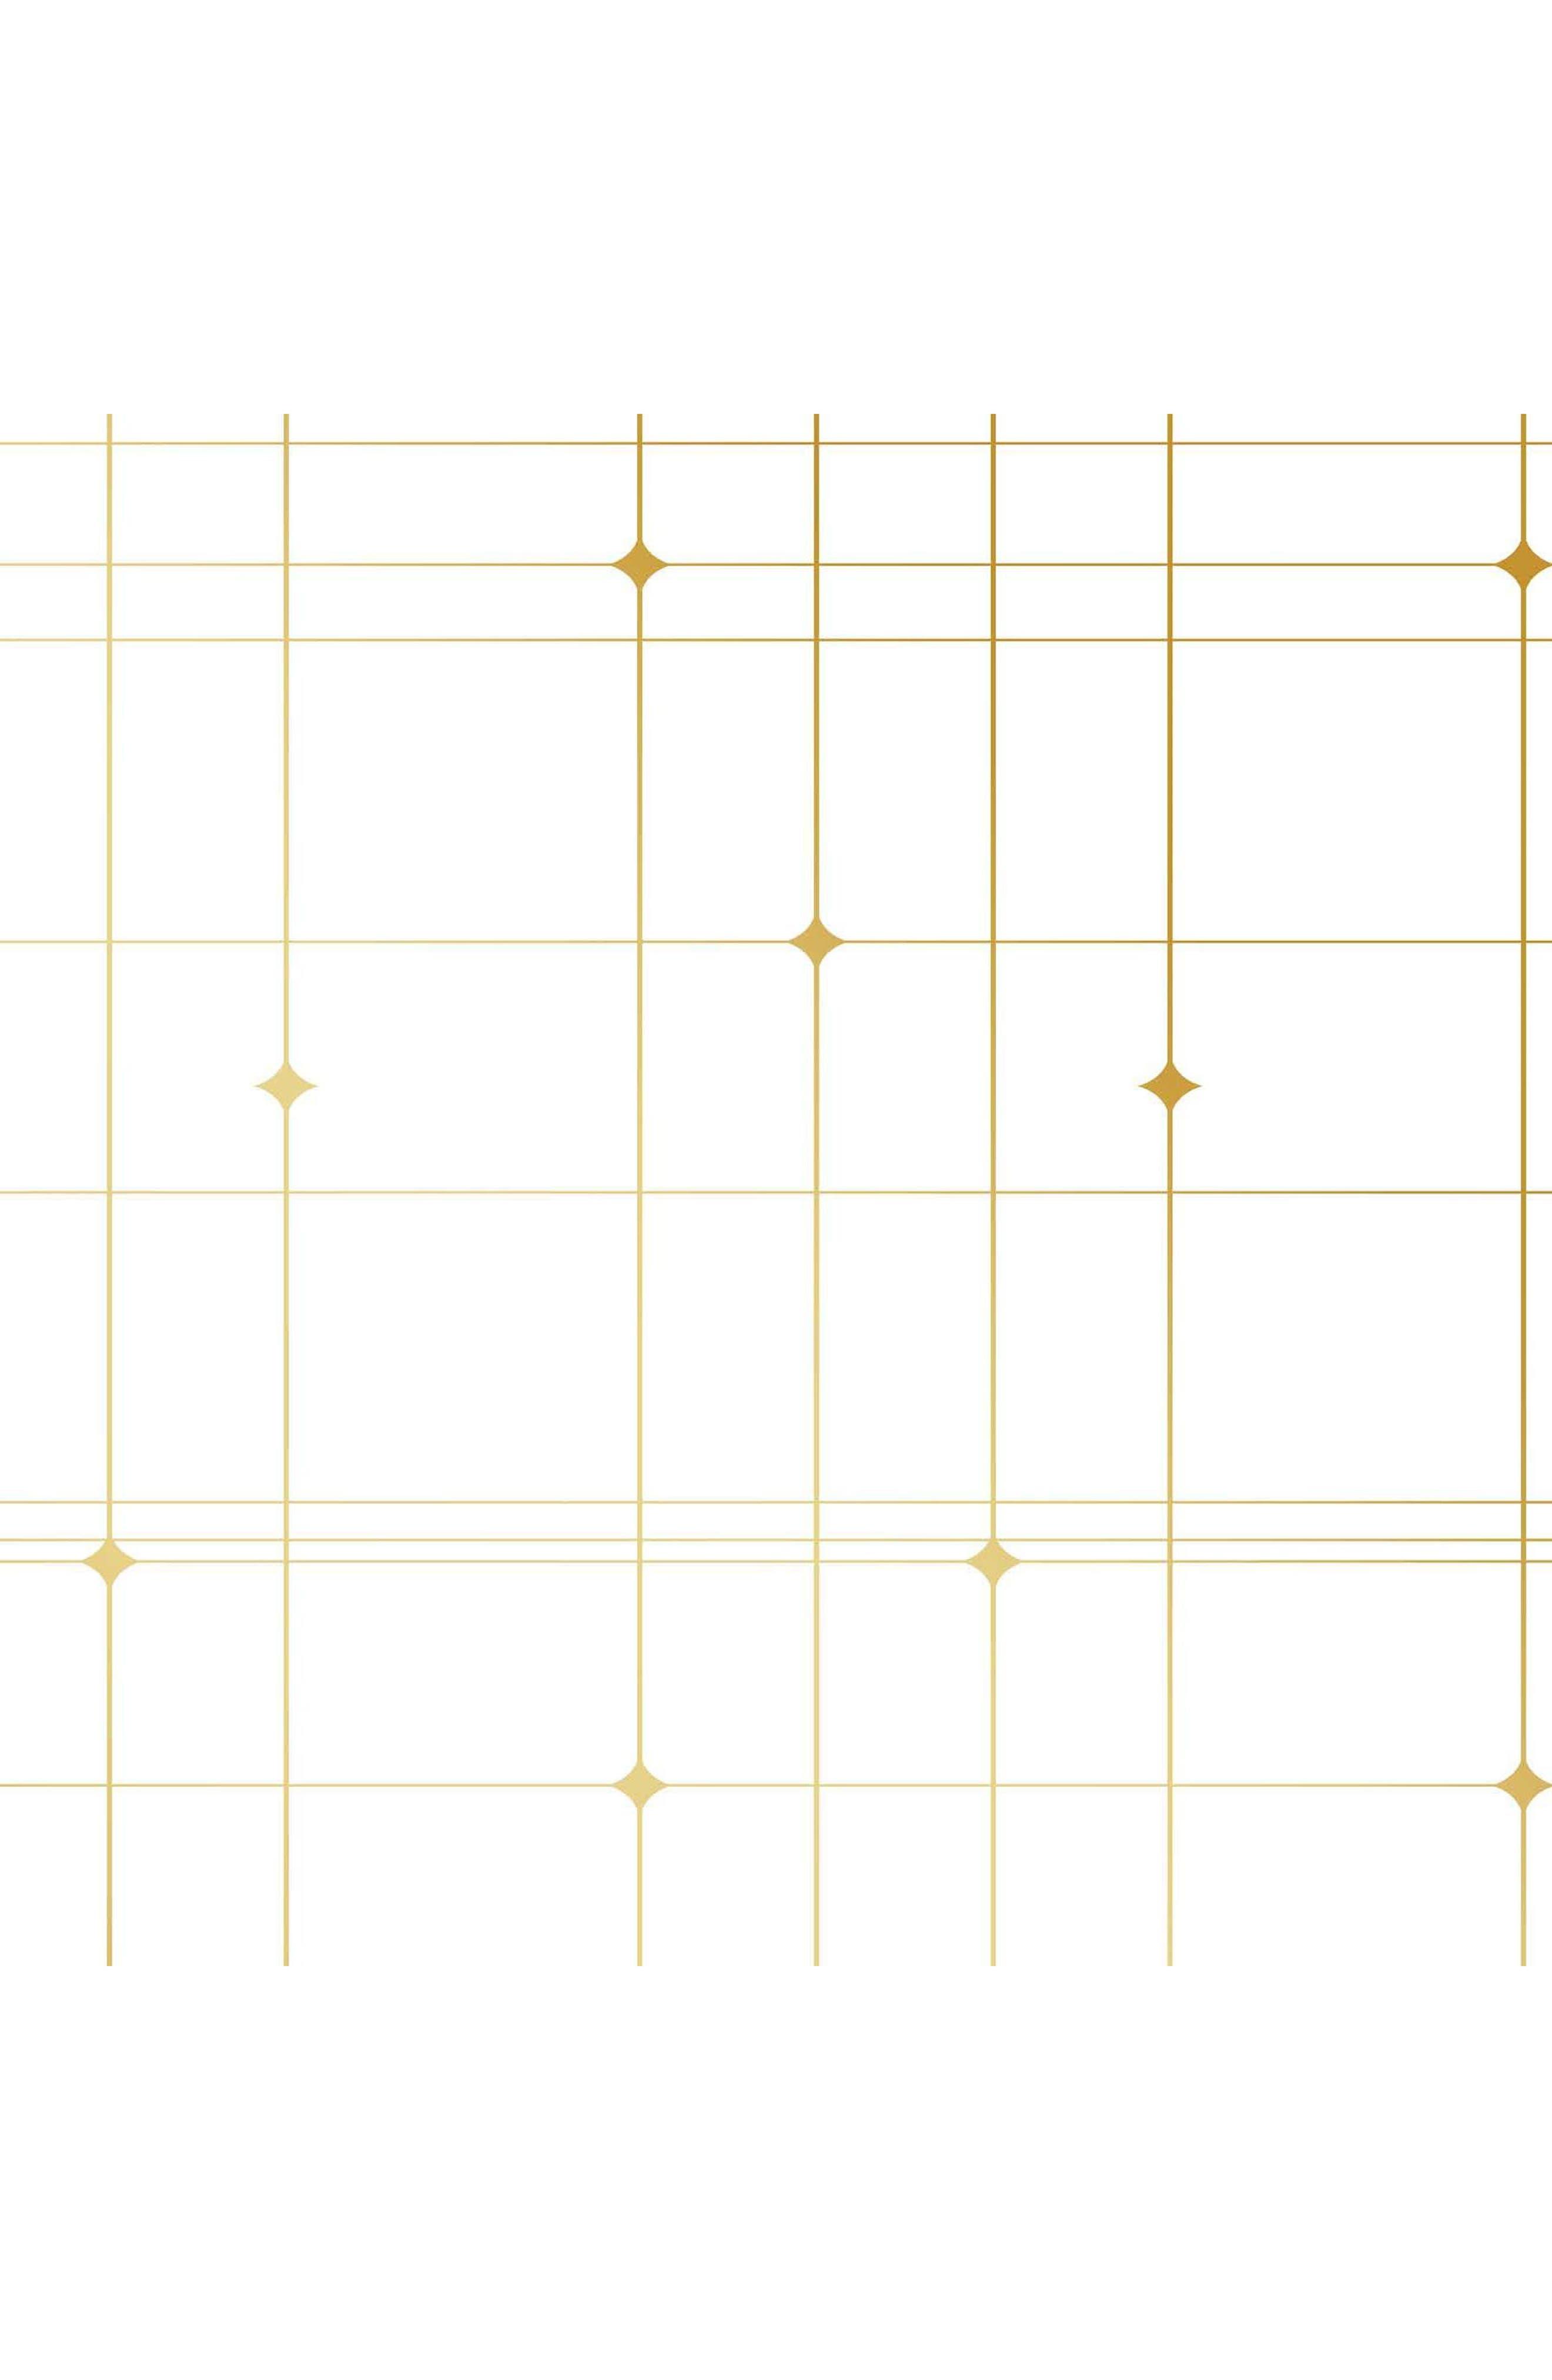 Thermoscad Self-Adhesive Vinyl Wallpaper,                             Main thumbnail 1, color,                             100